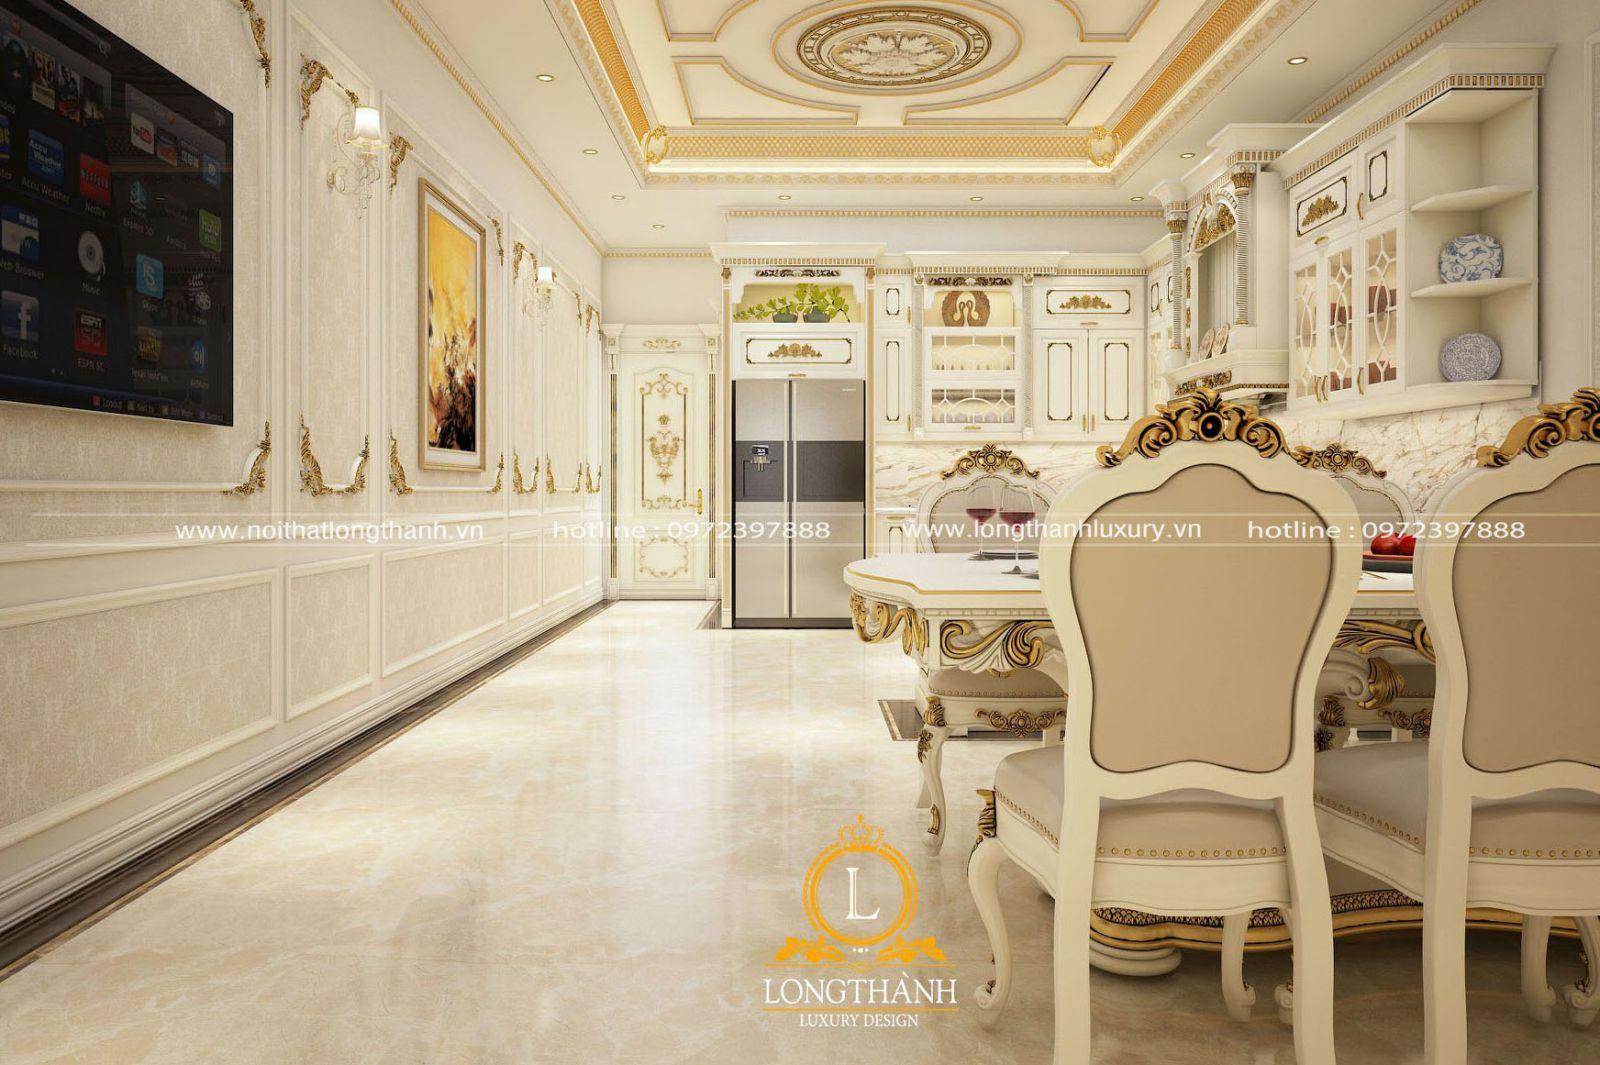 Mẫu phòng bếp nhà phố cùng tủ bếp tân cổ điển màu trắng